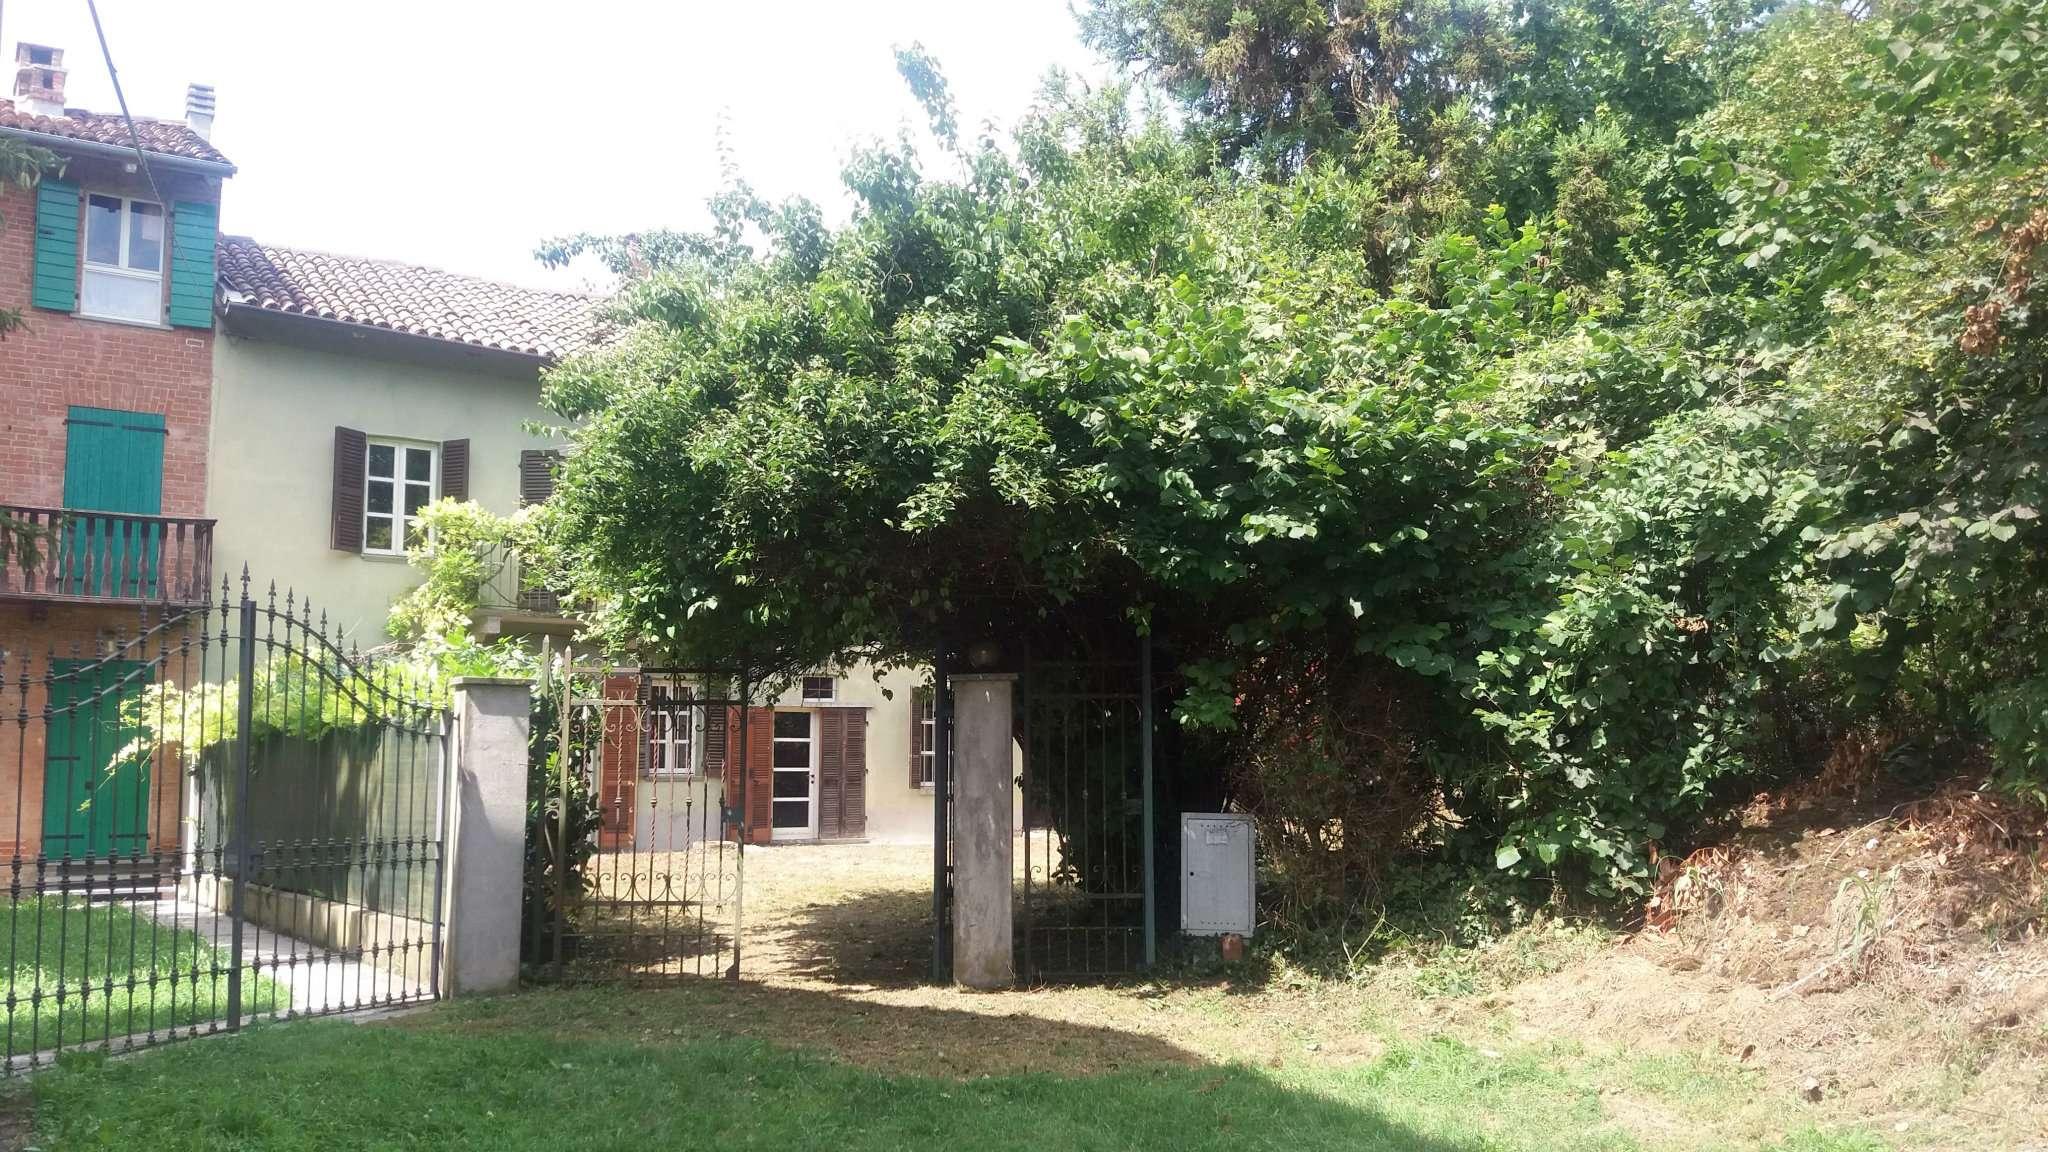 Rustico / Casale in vendita a Montiglio Monferrato, 6 locali, prezzo € 125.000 | Cambio Casa.it